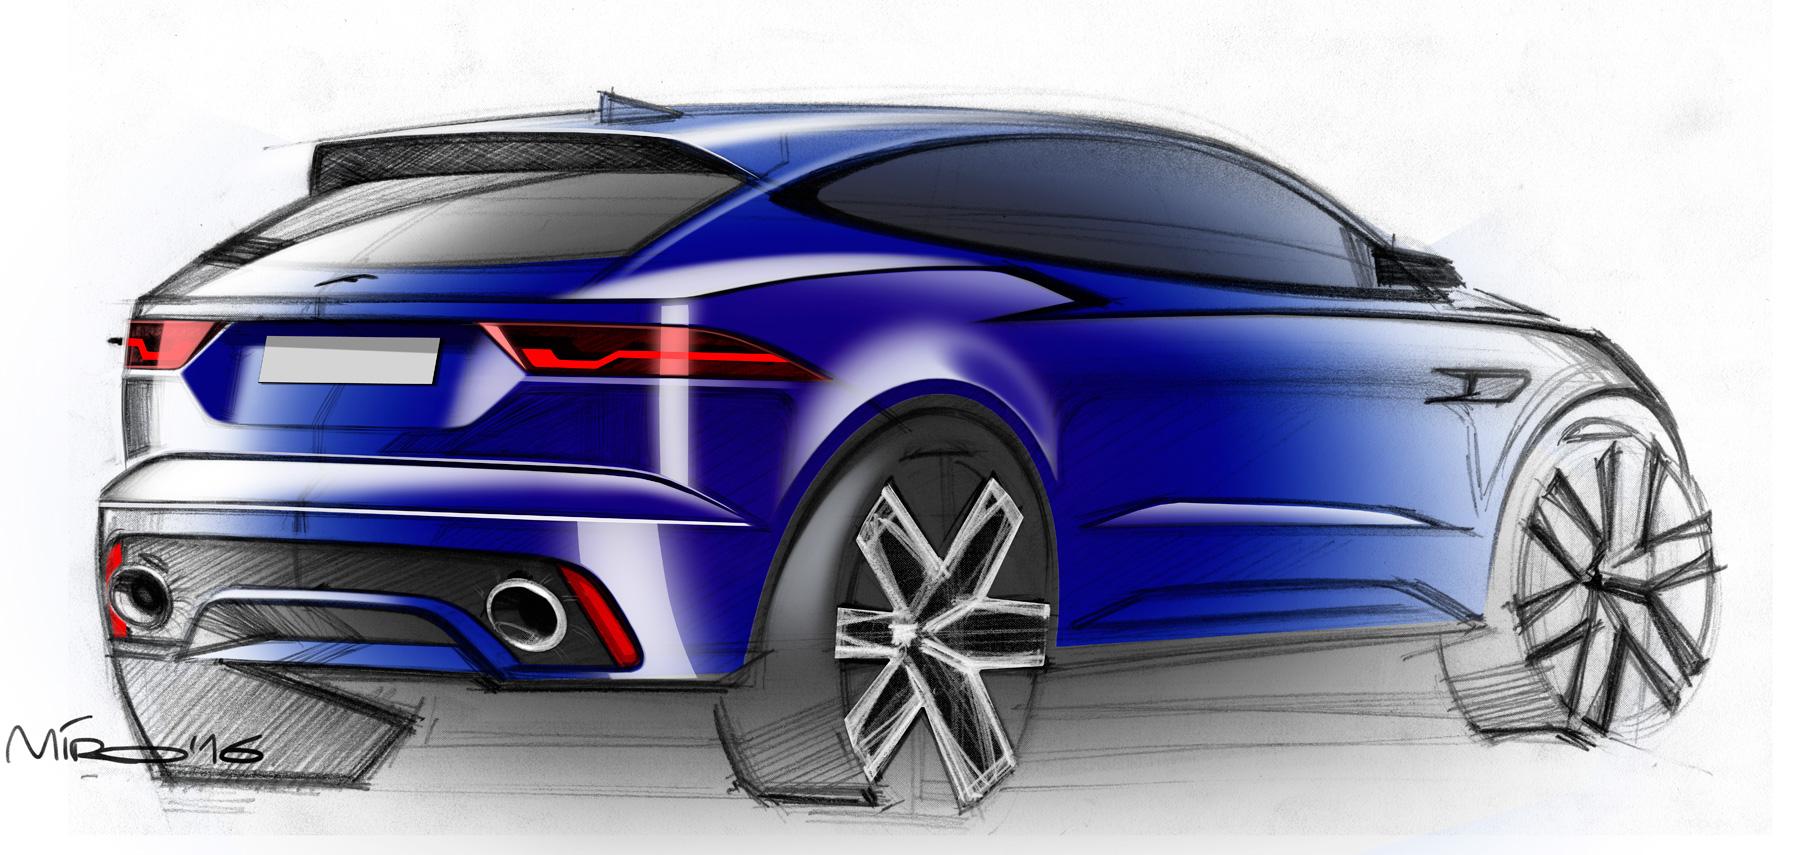 Jaguar E-Pace Design Sketches by Miroslav Dimitrov